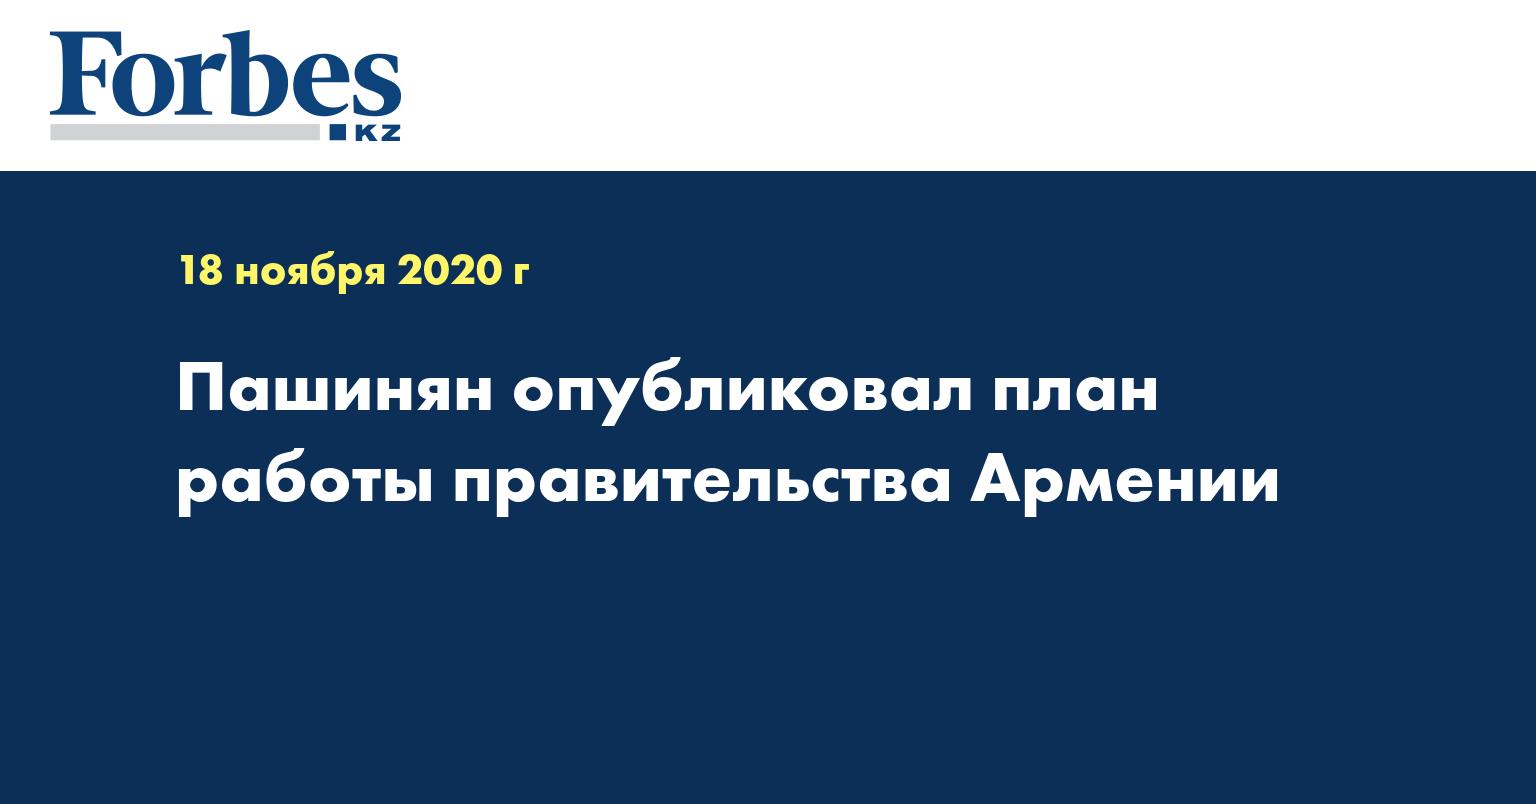 Пашинян опубликовал план работы правительства Армении